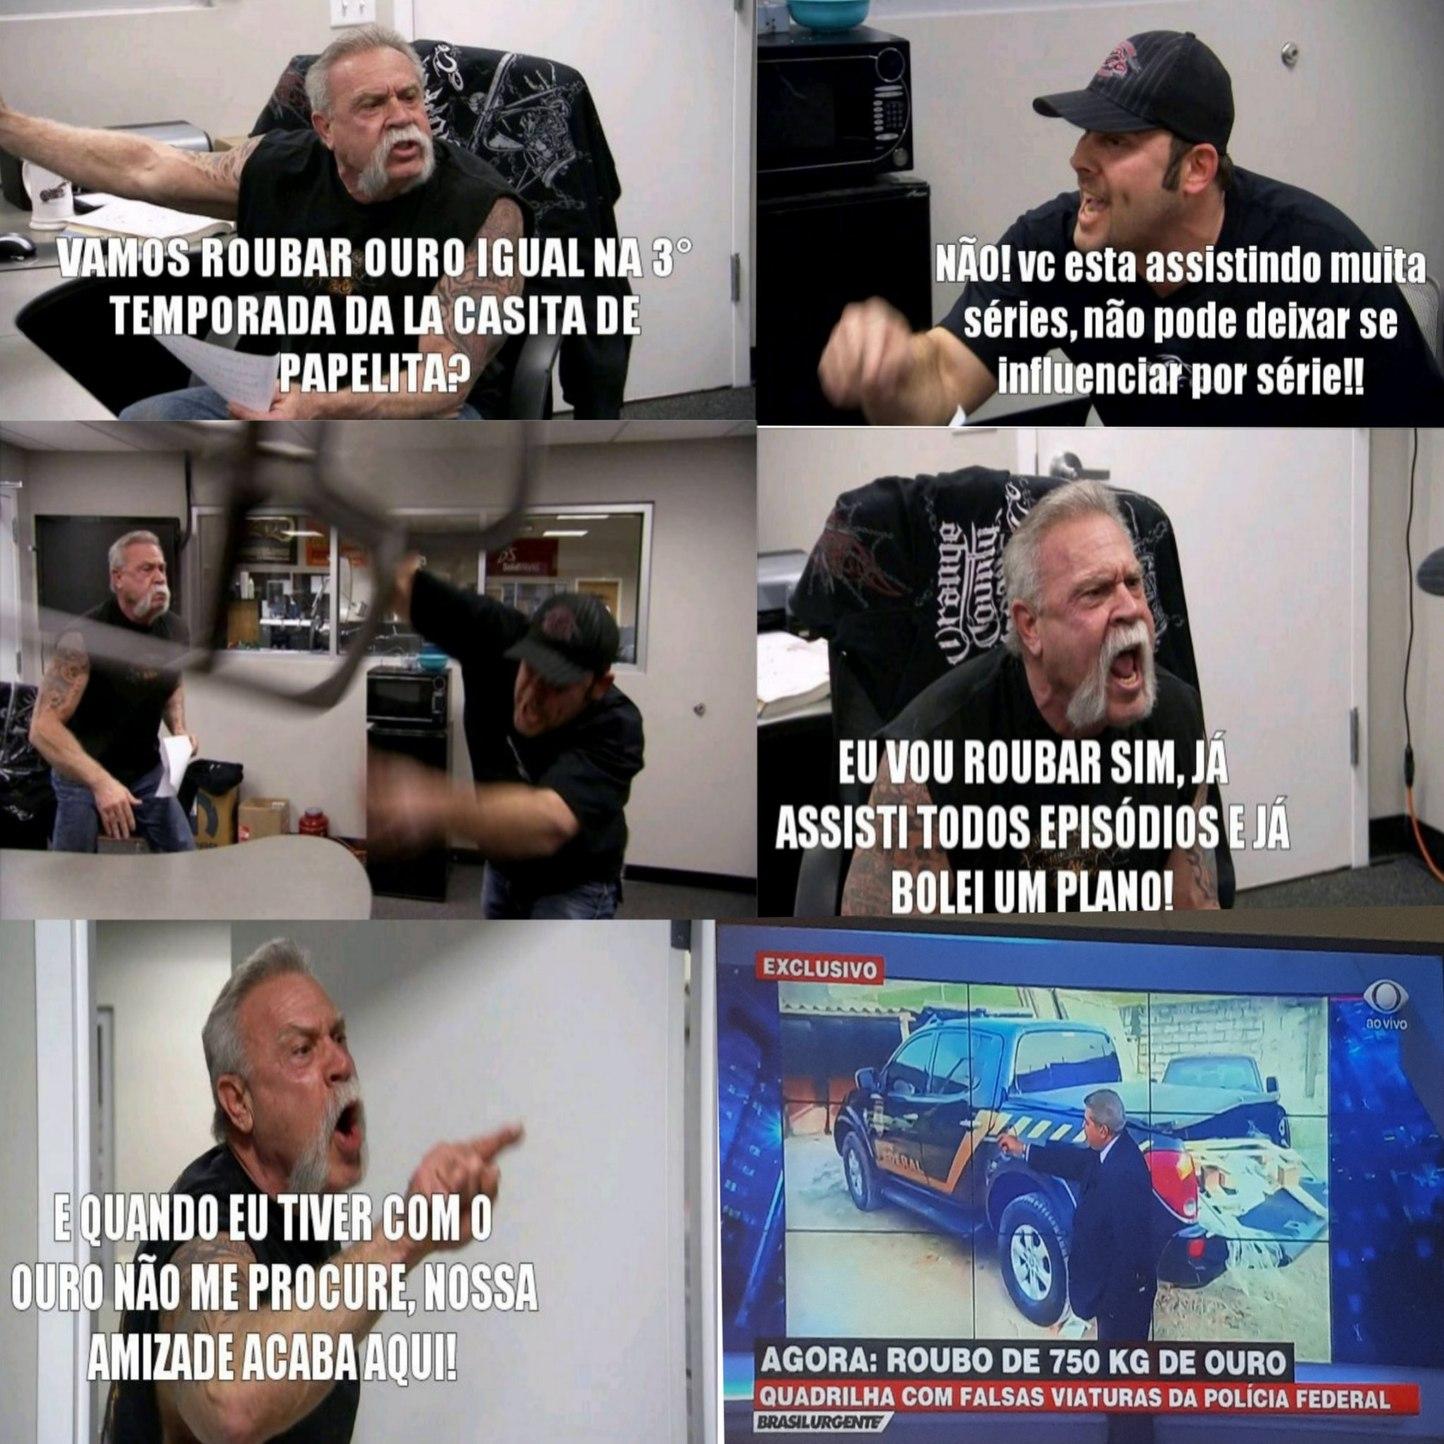 Lá Casa De Papel Higiênico - meme